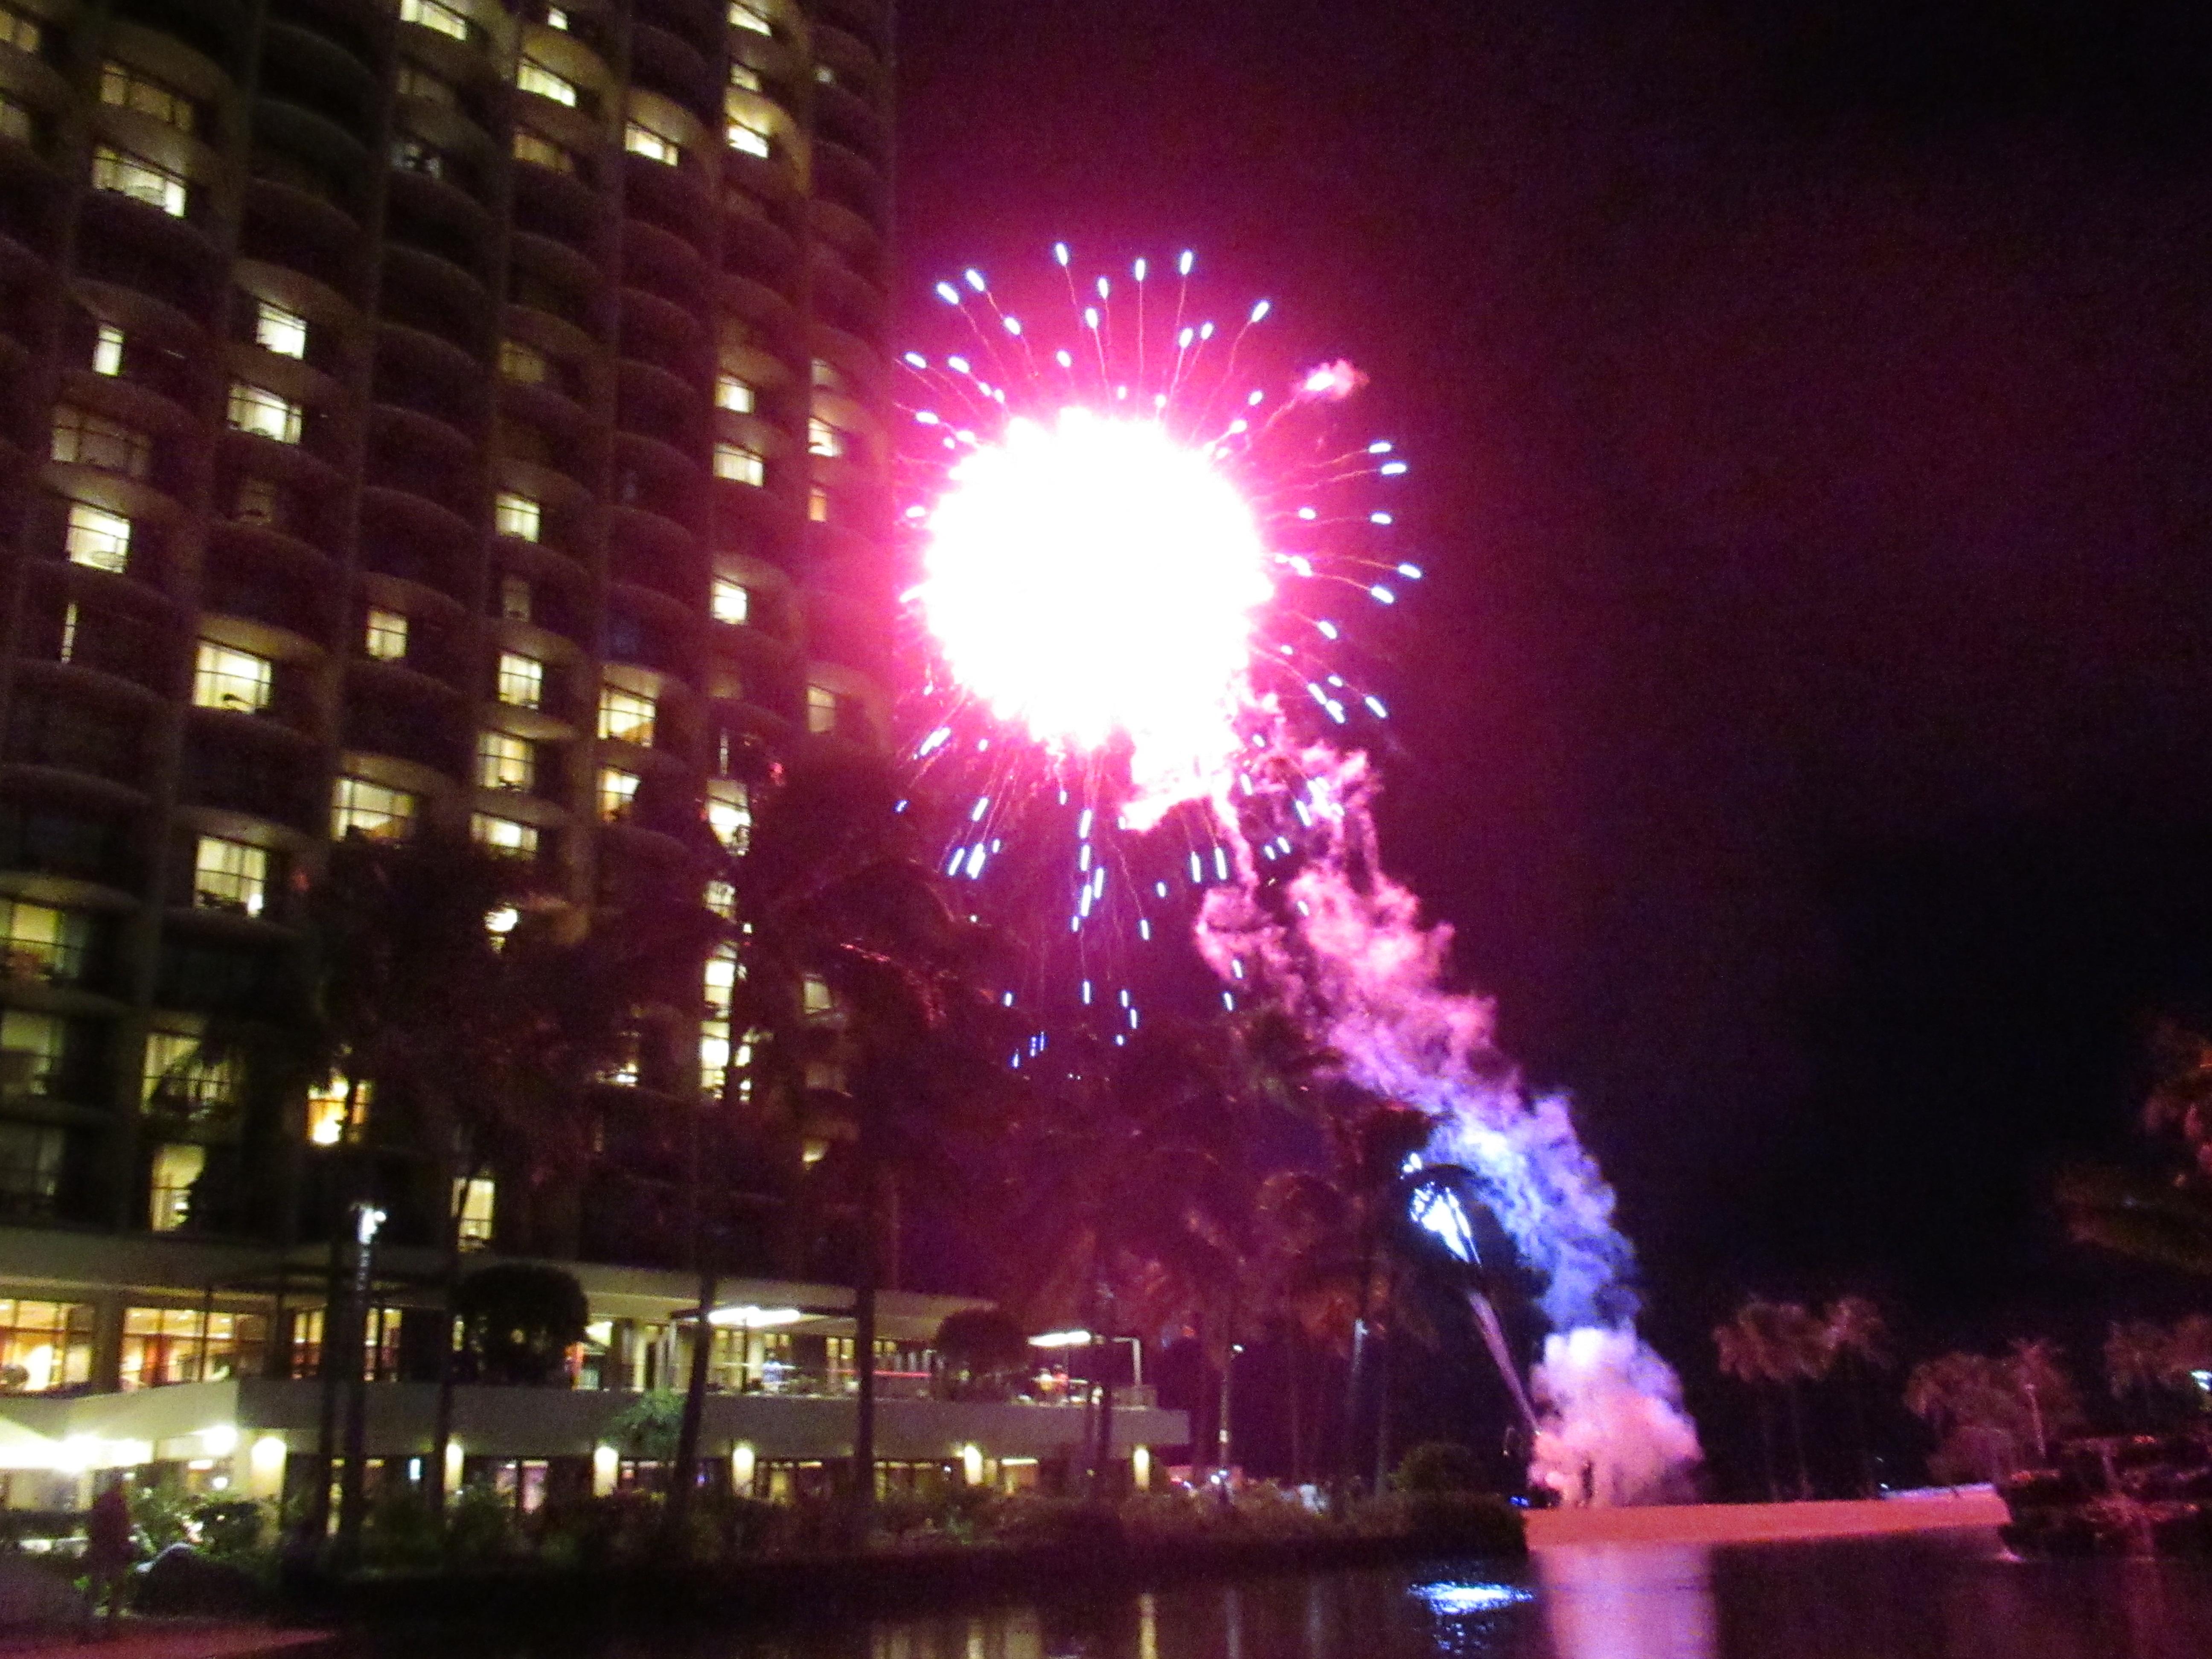 ヒルトンハワイアンビレッジの花火をラグーン内で見る場所と持ち物|子連れハワイブログ